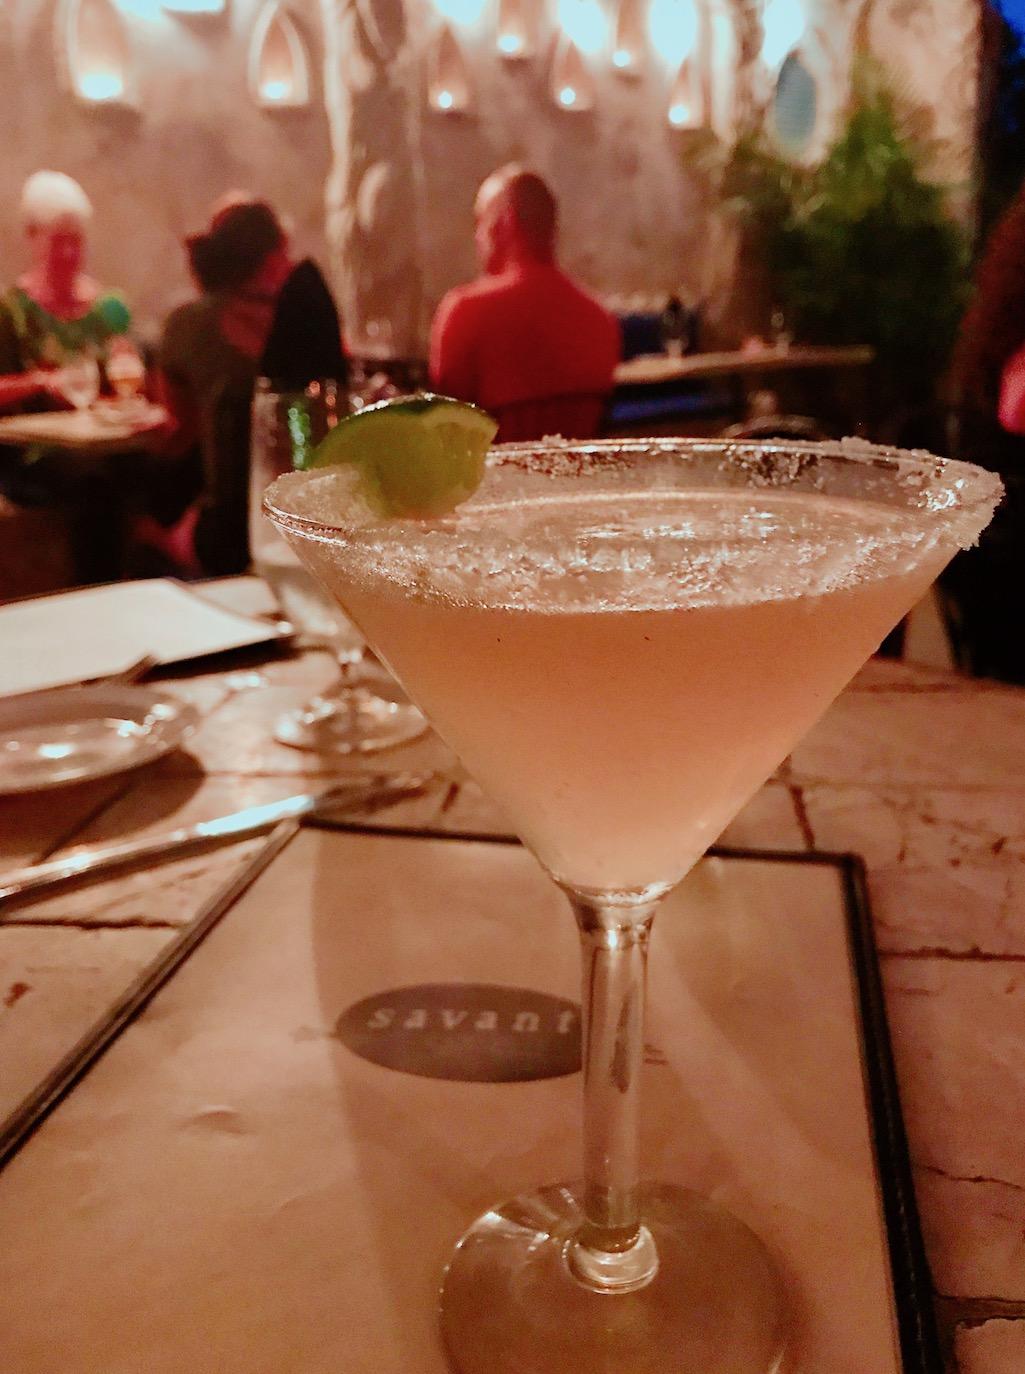 Cocktails at Savant St. Croix